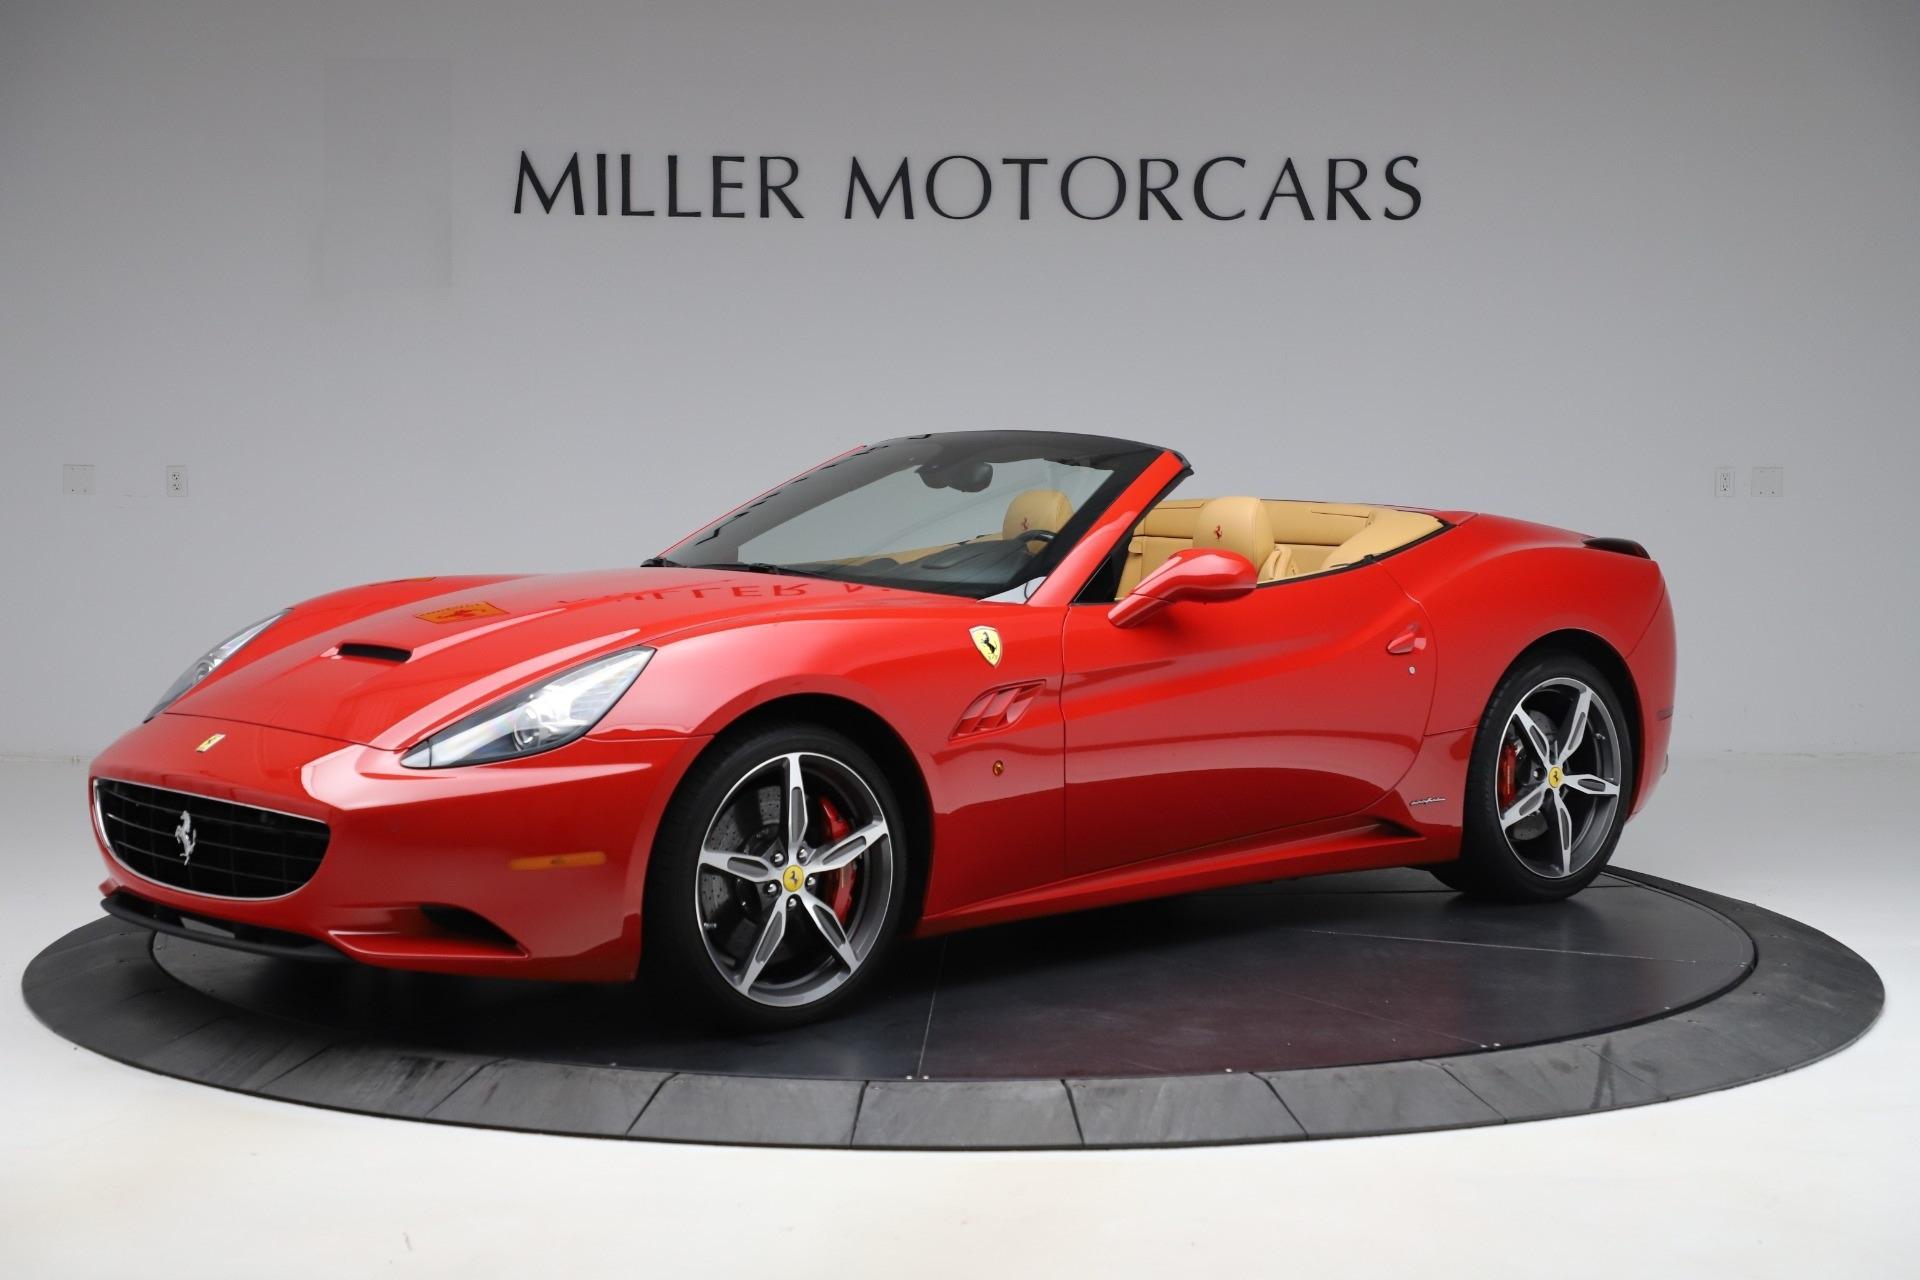 Pre Owned 2014 Ferrari California 30 For Sale Miller Motorcars Stock 4657